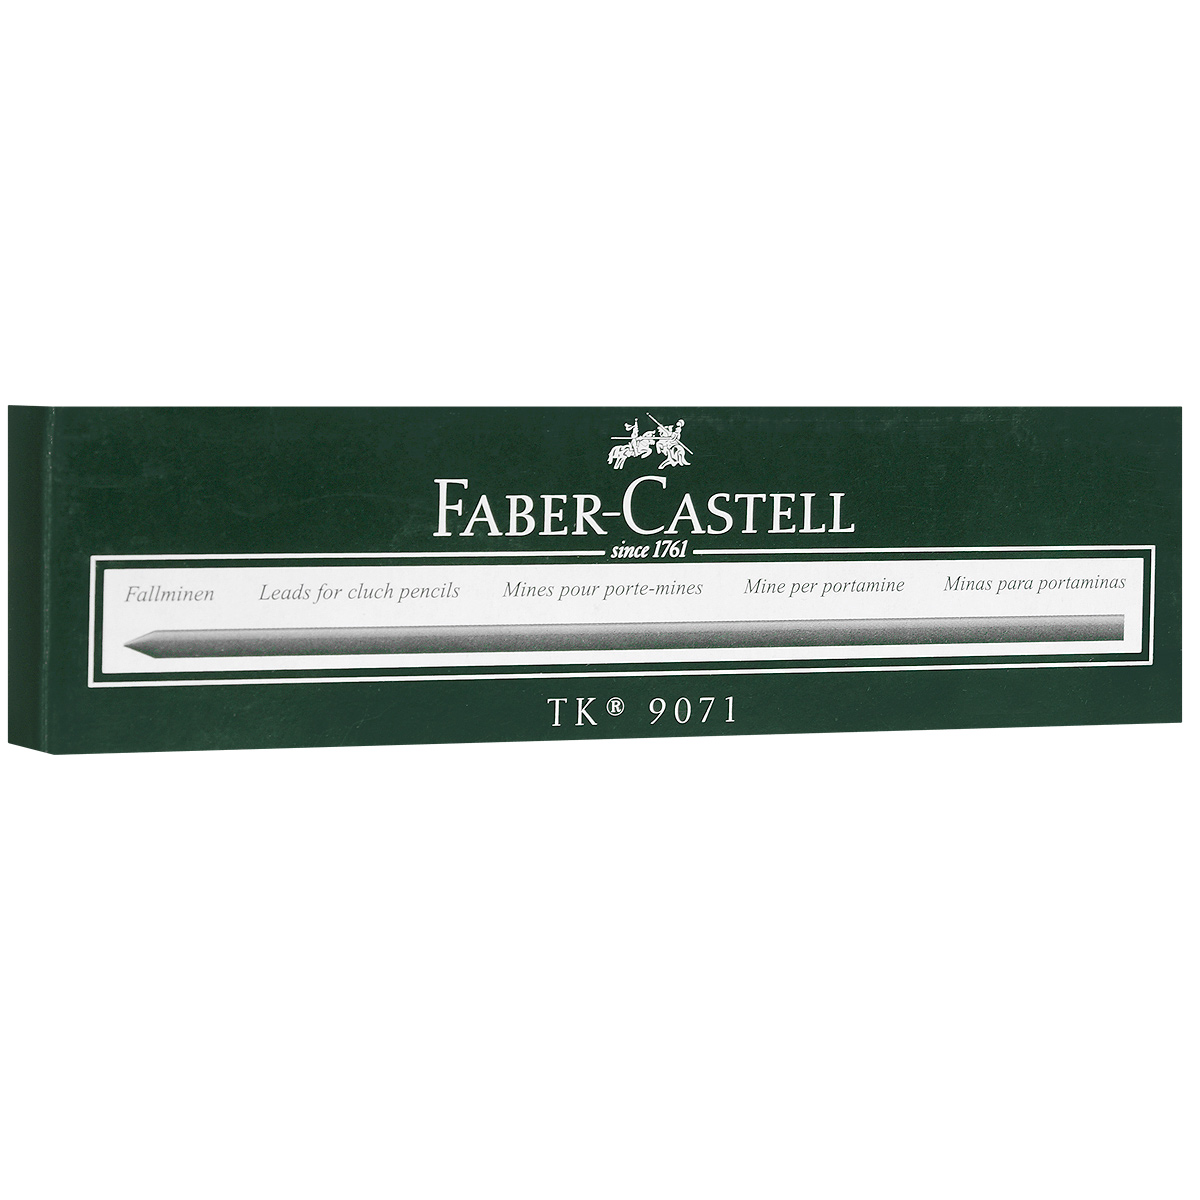 Графитные грифели Faber-Castell, 10 шт72523WDГрафитные грифели Faber-Castell подходят механических карандашей любой марки. Они оставляют на бумаге четкий черный след, не размазываются, обладают ударопрочностью и экономно расходуются. В наборе 10 заточенных грифелей, упакованных в пластиковый футляр для удобного хранения.